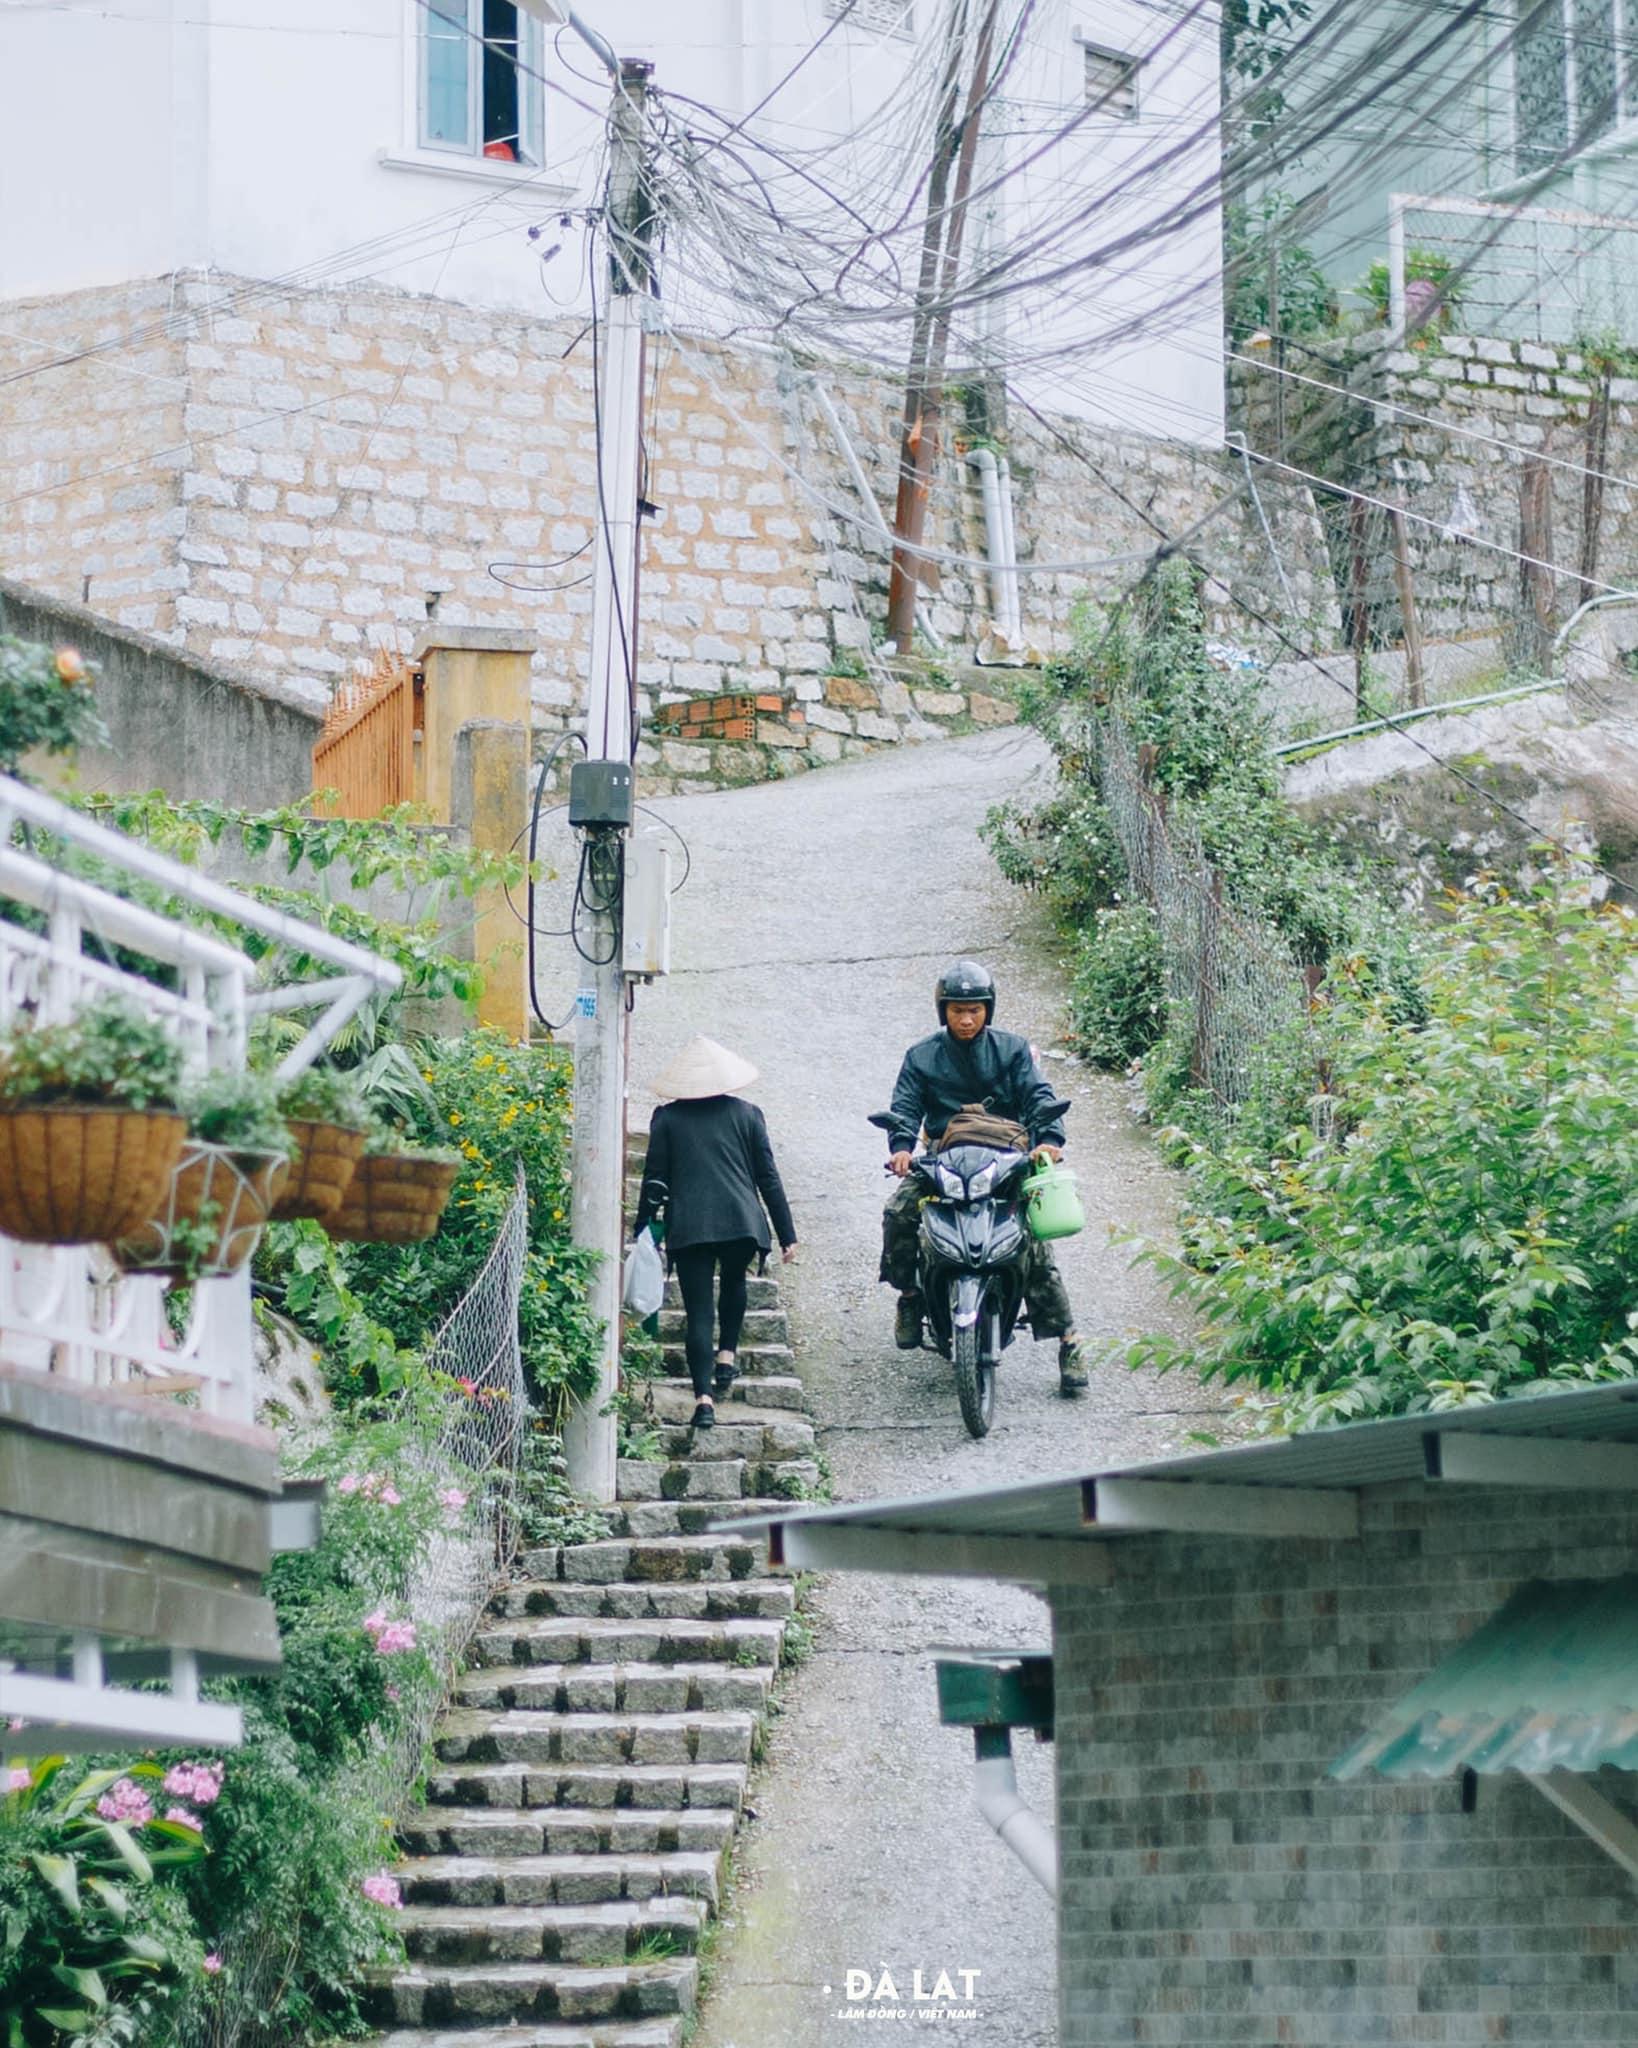 Khám phá lịch sử Đà Lạt - tìm về miền đất ngập tràn sắc hoa nơi phố núi  - Ảnh 14.